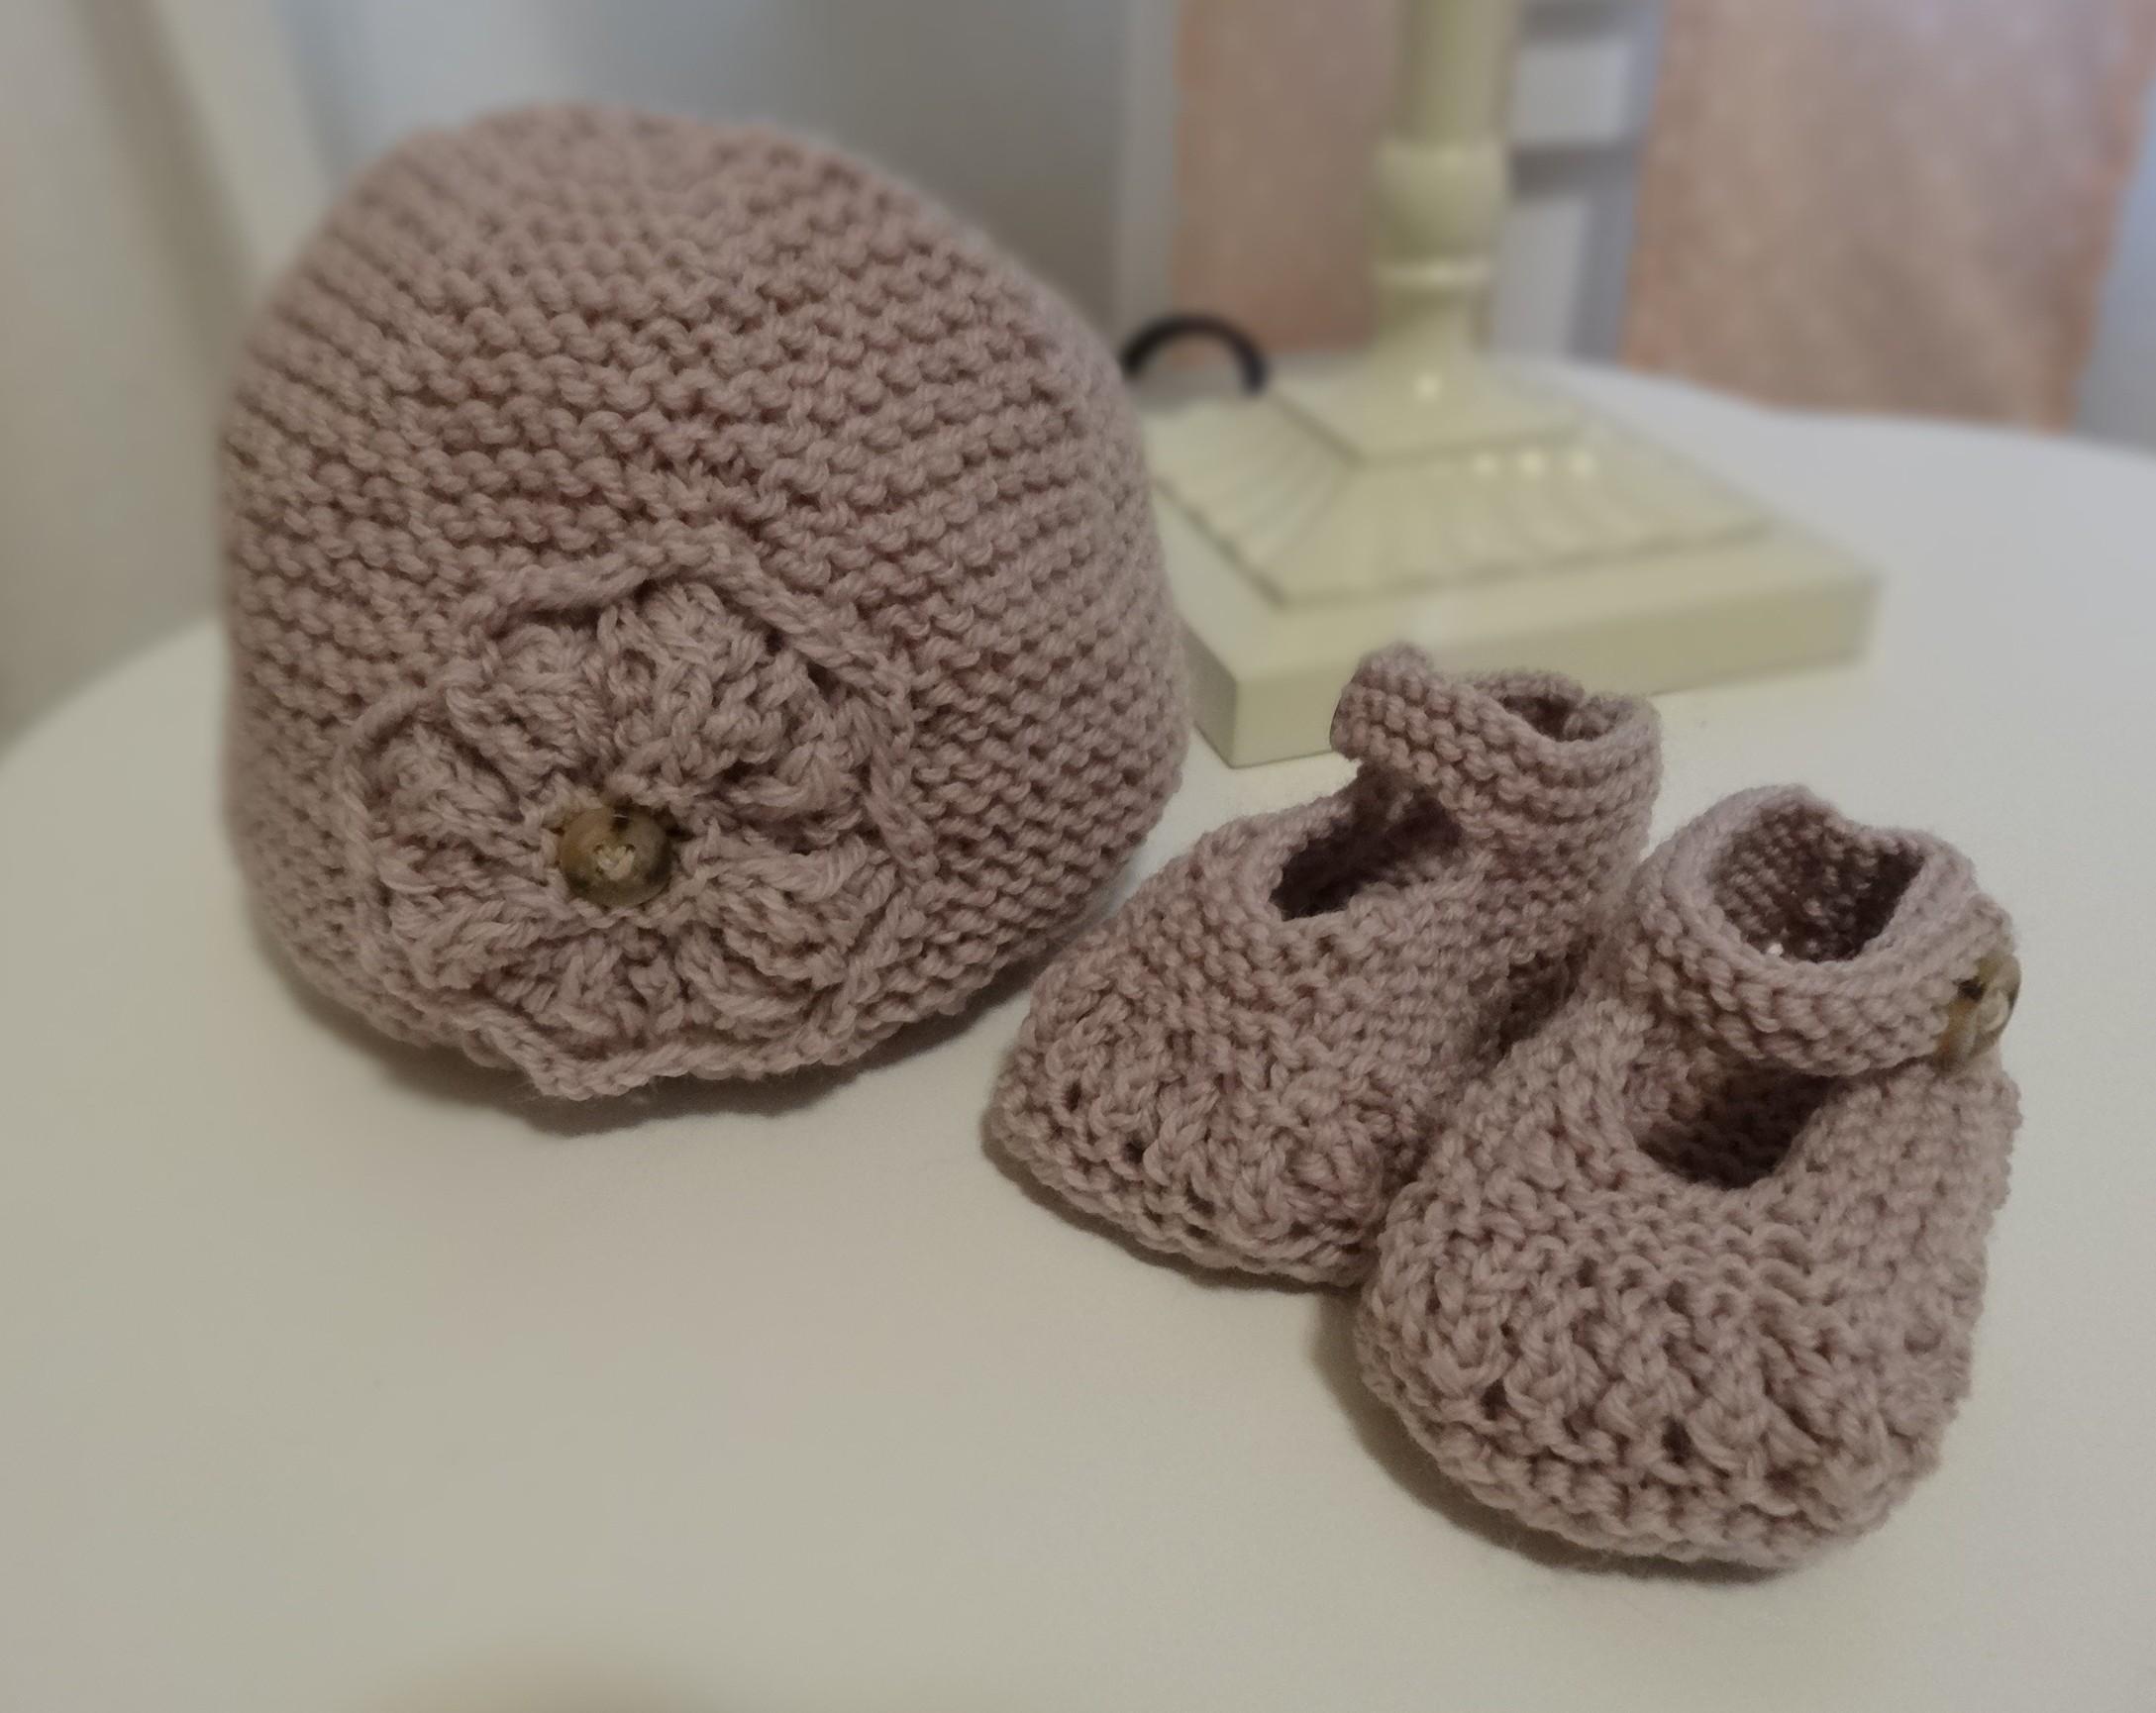 bfb7759af9a1 knit hat